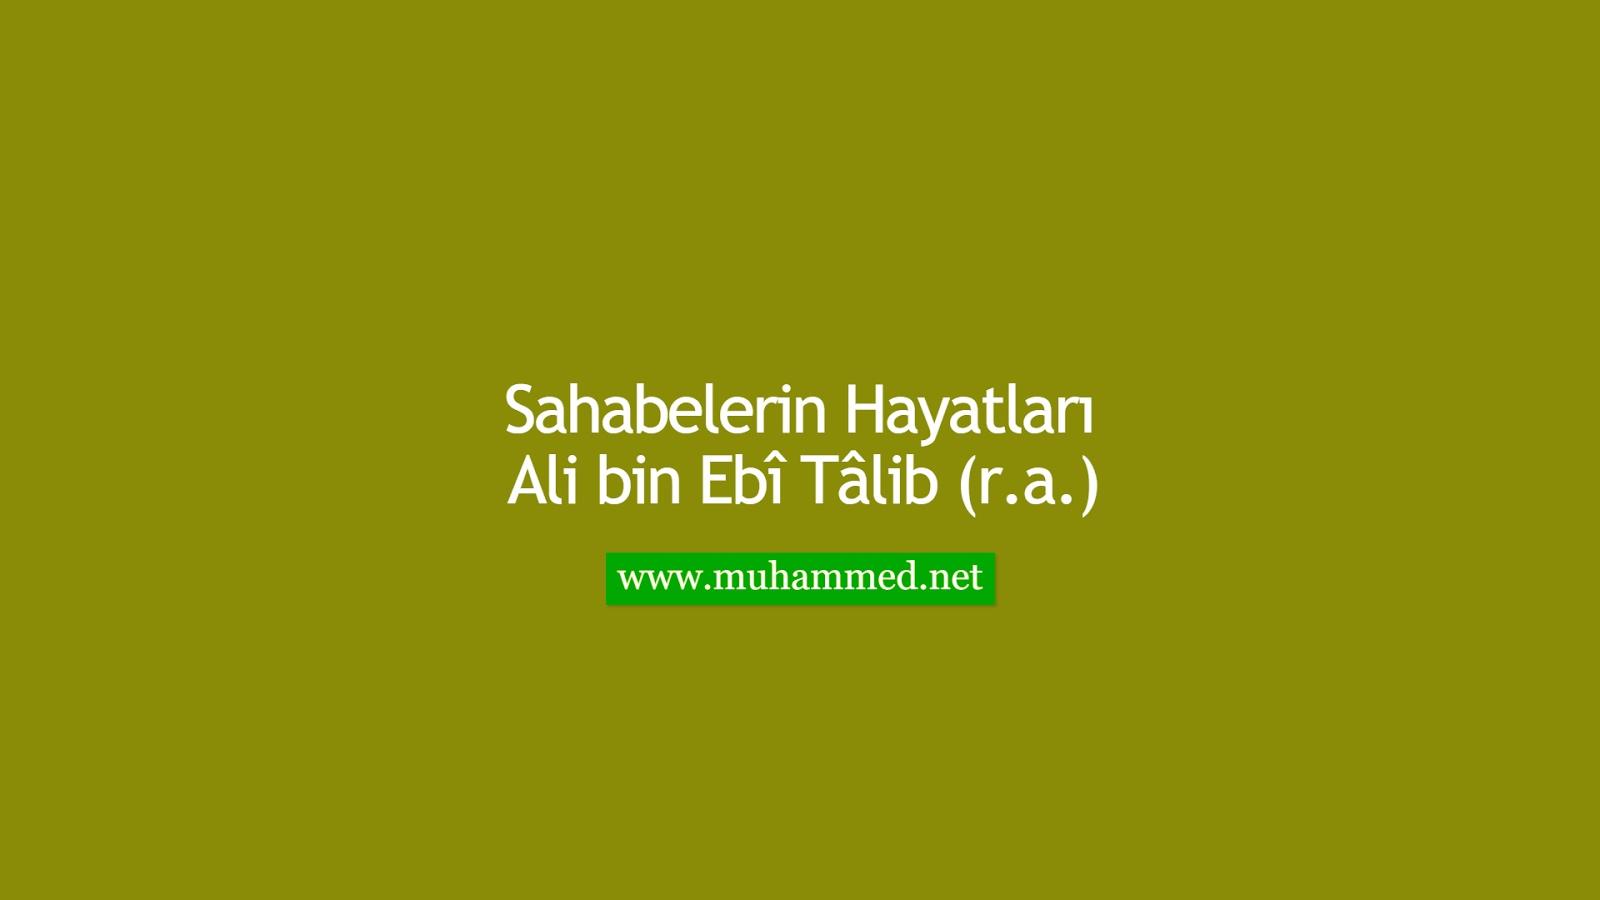 Ali bin Ebî Tâlib (r.a.)